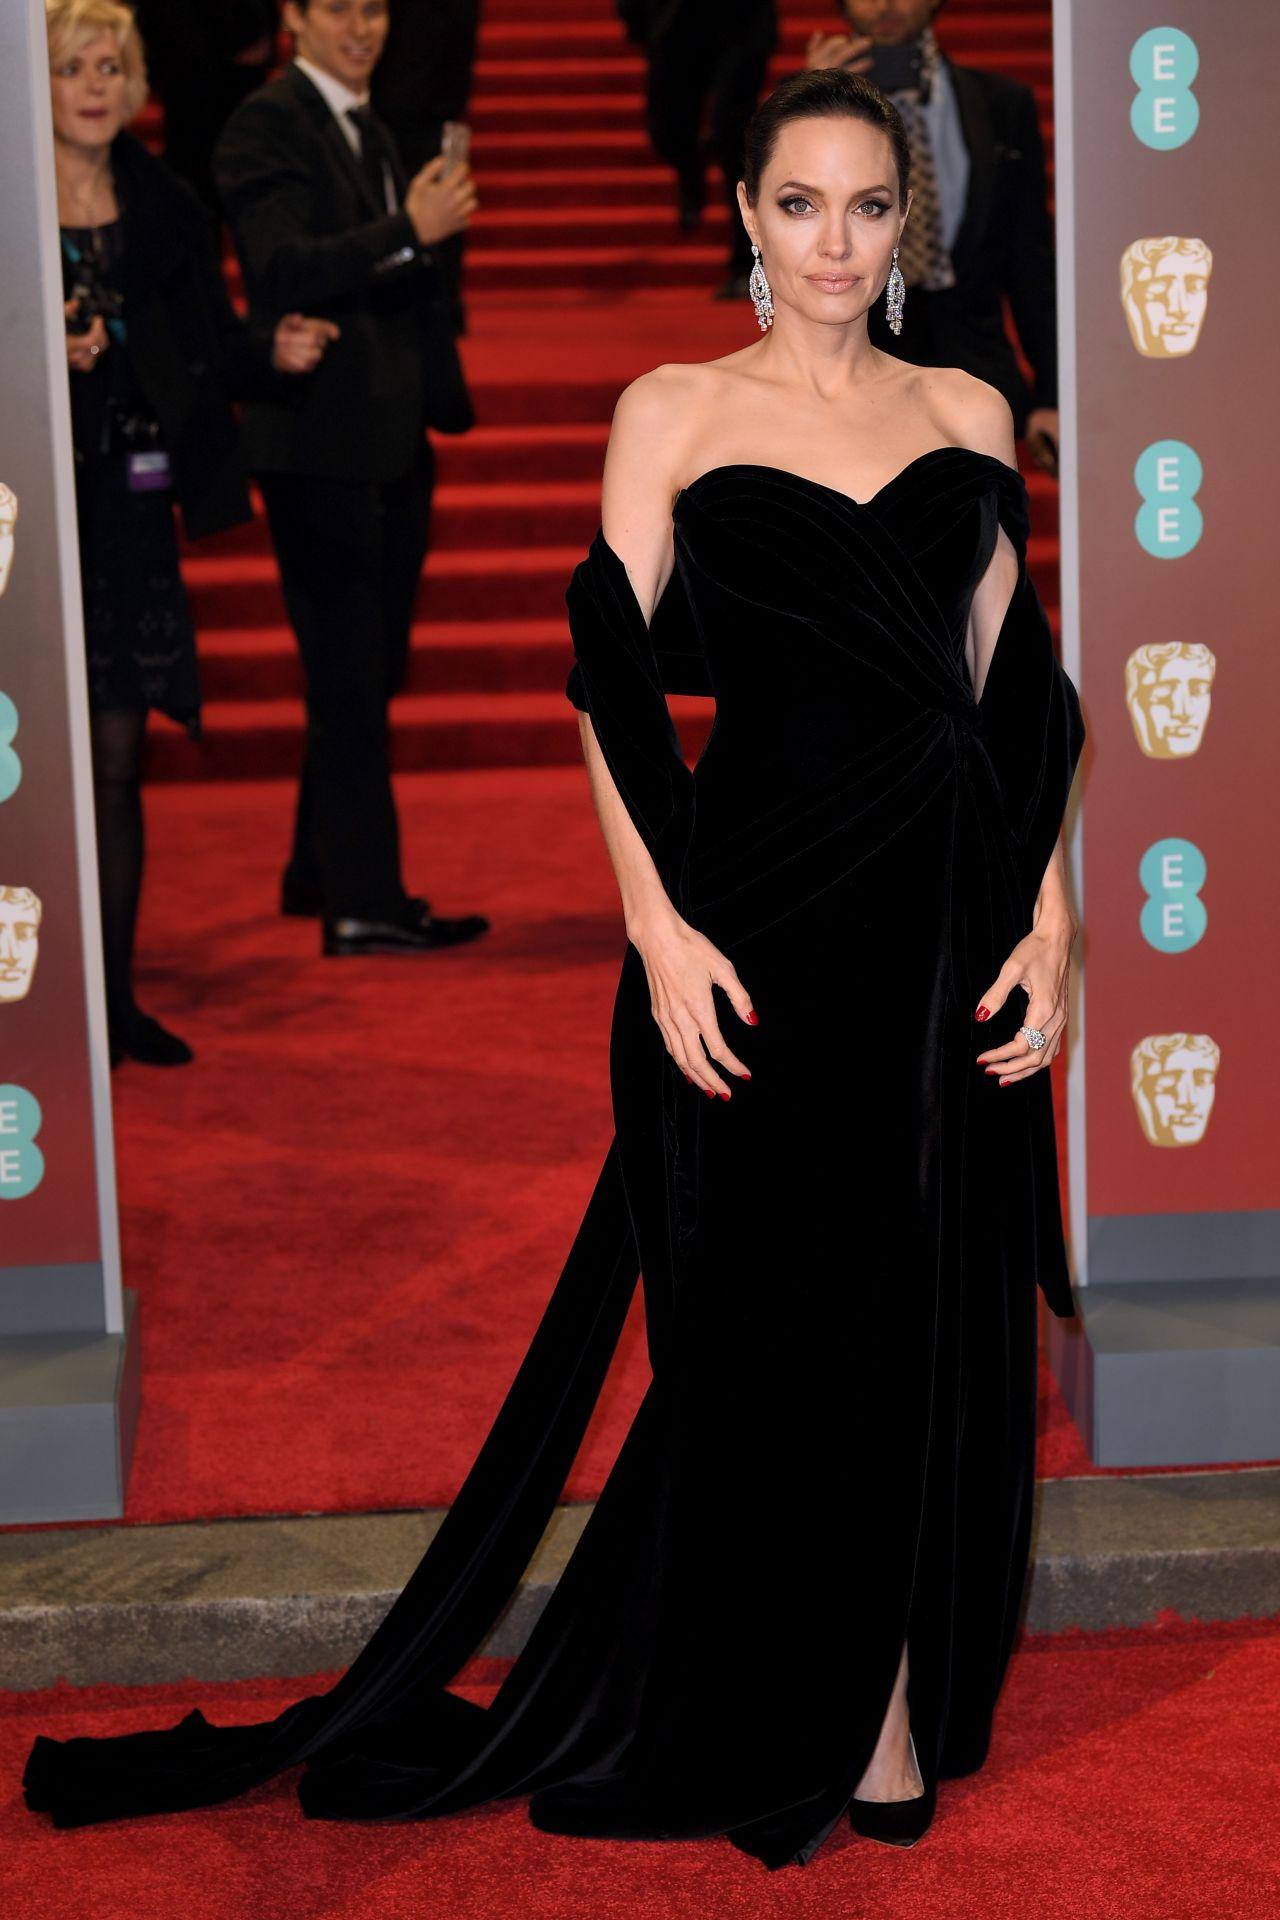 Angelina Jolie - 2018 British Academy Film Awards анджелина джоли 2018